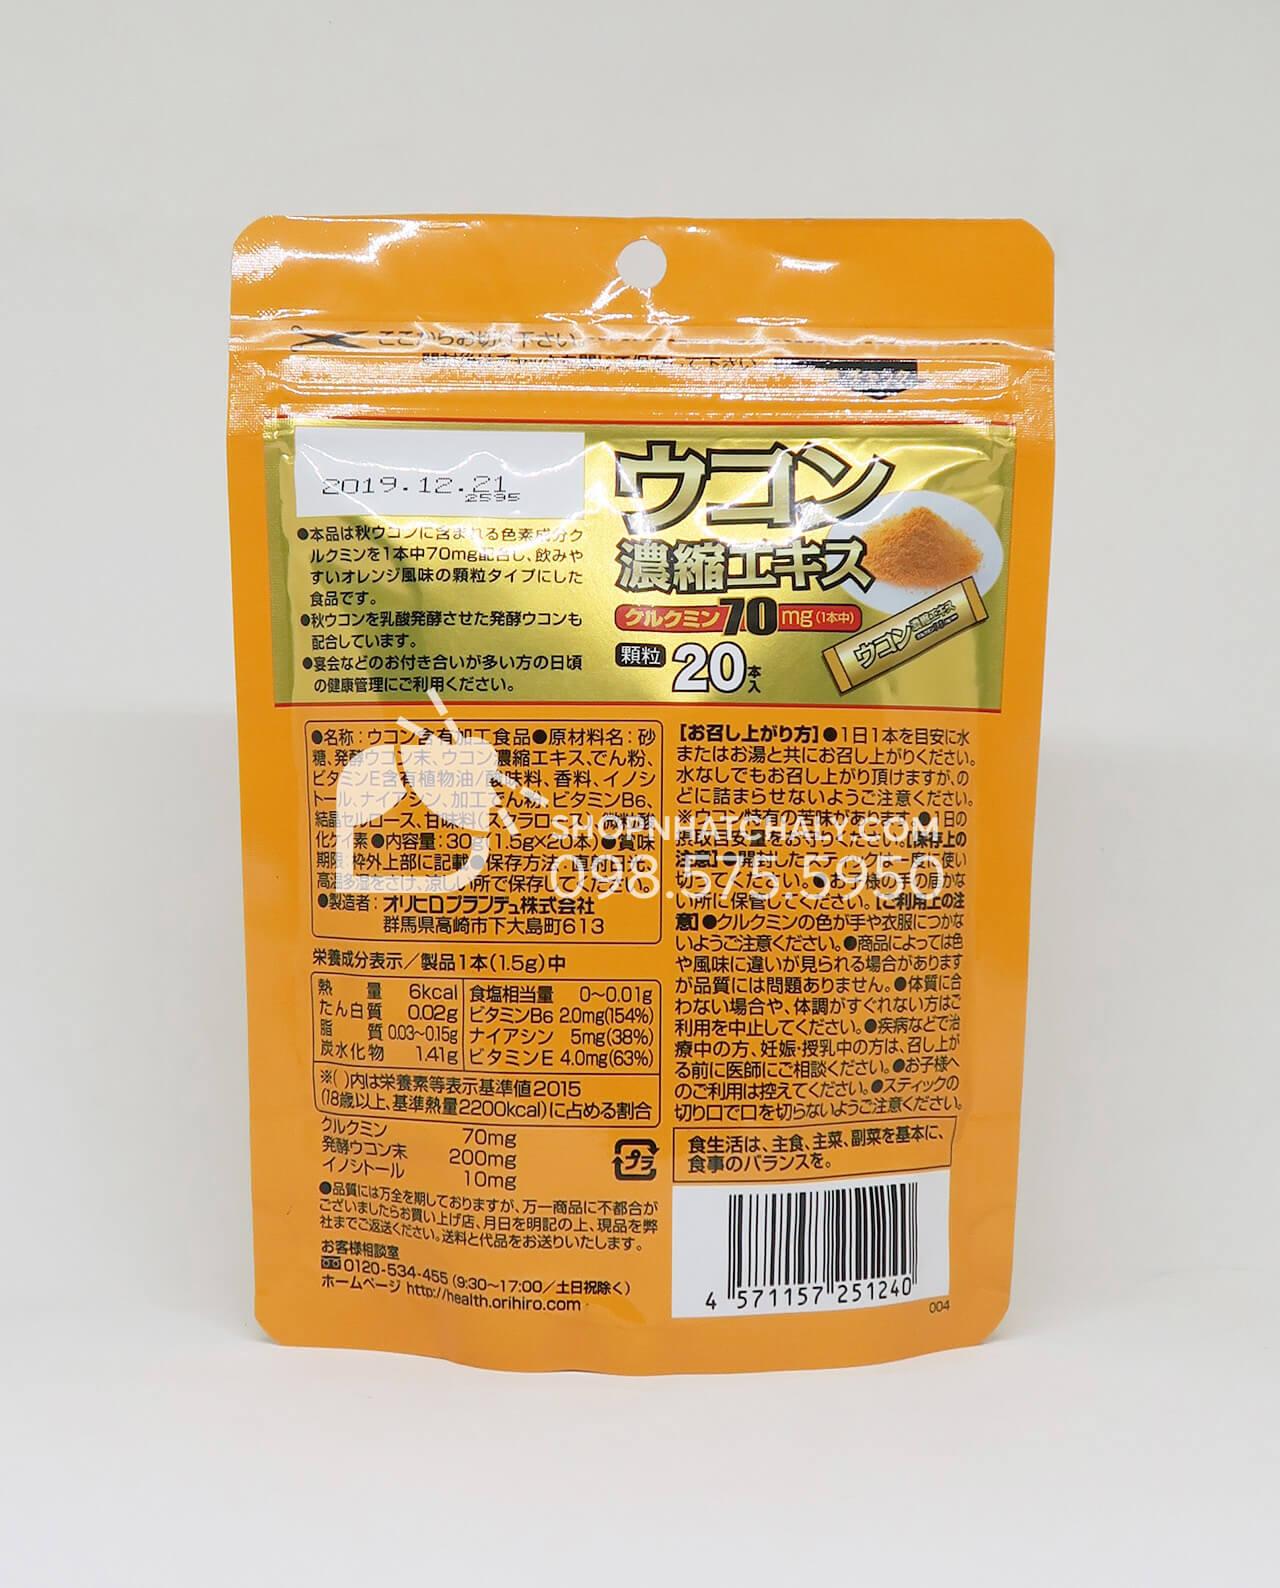 Bột nghệ giải rượu UKON giải độc gan Orihiro túi 20 gói date mới nhất đến tháng 12/2019. Bột nghệ UKON Orihiro Nhật Bản giúp thanh lọc cơ thể, thải độc gan hiệu quả. Sản phẩm nhập trực tiếp từ Nhật, mã vạch, code và bill mua hàng đầy đủ